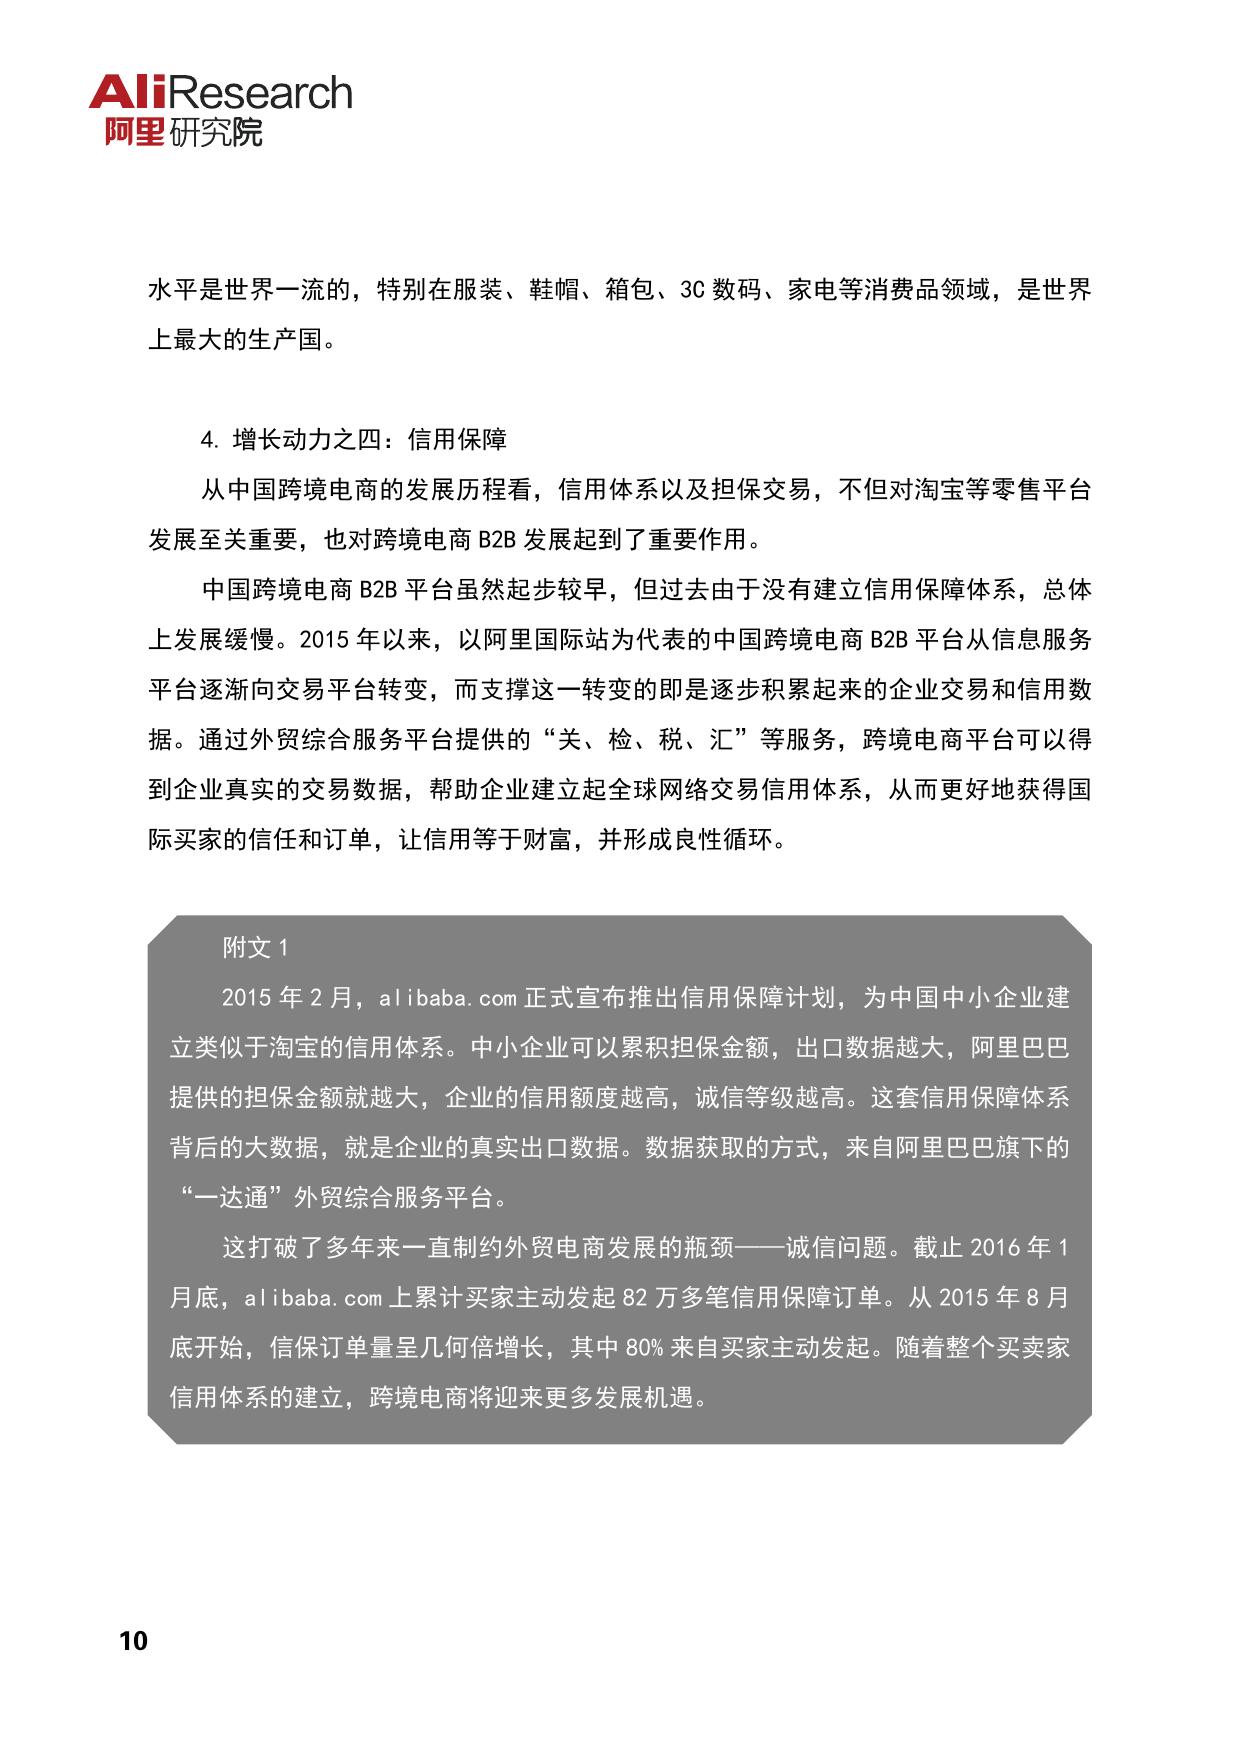 2016中国跨境电商发展报告_000014